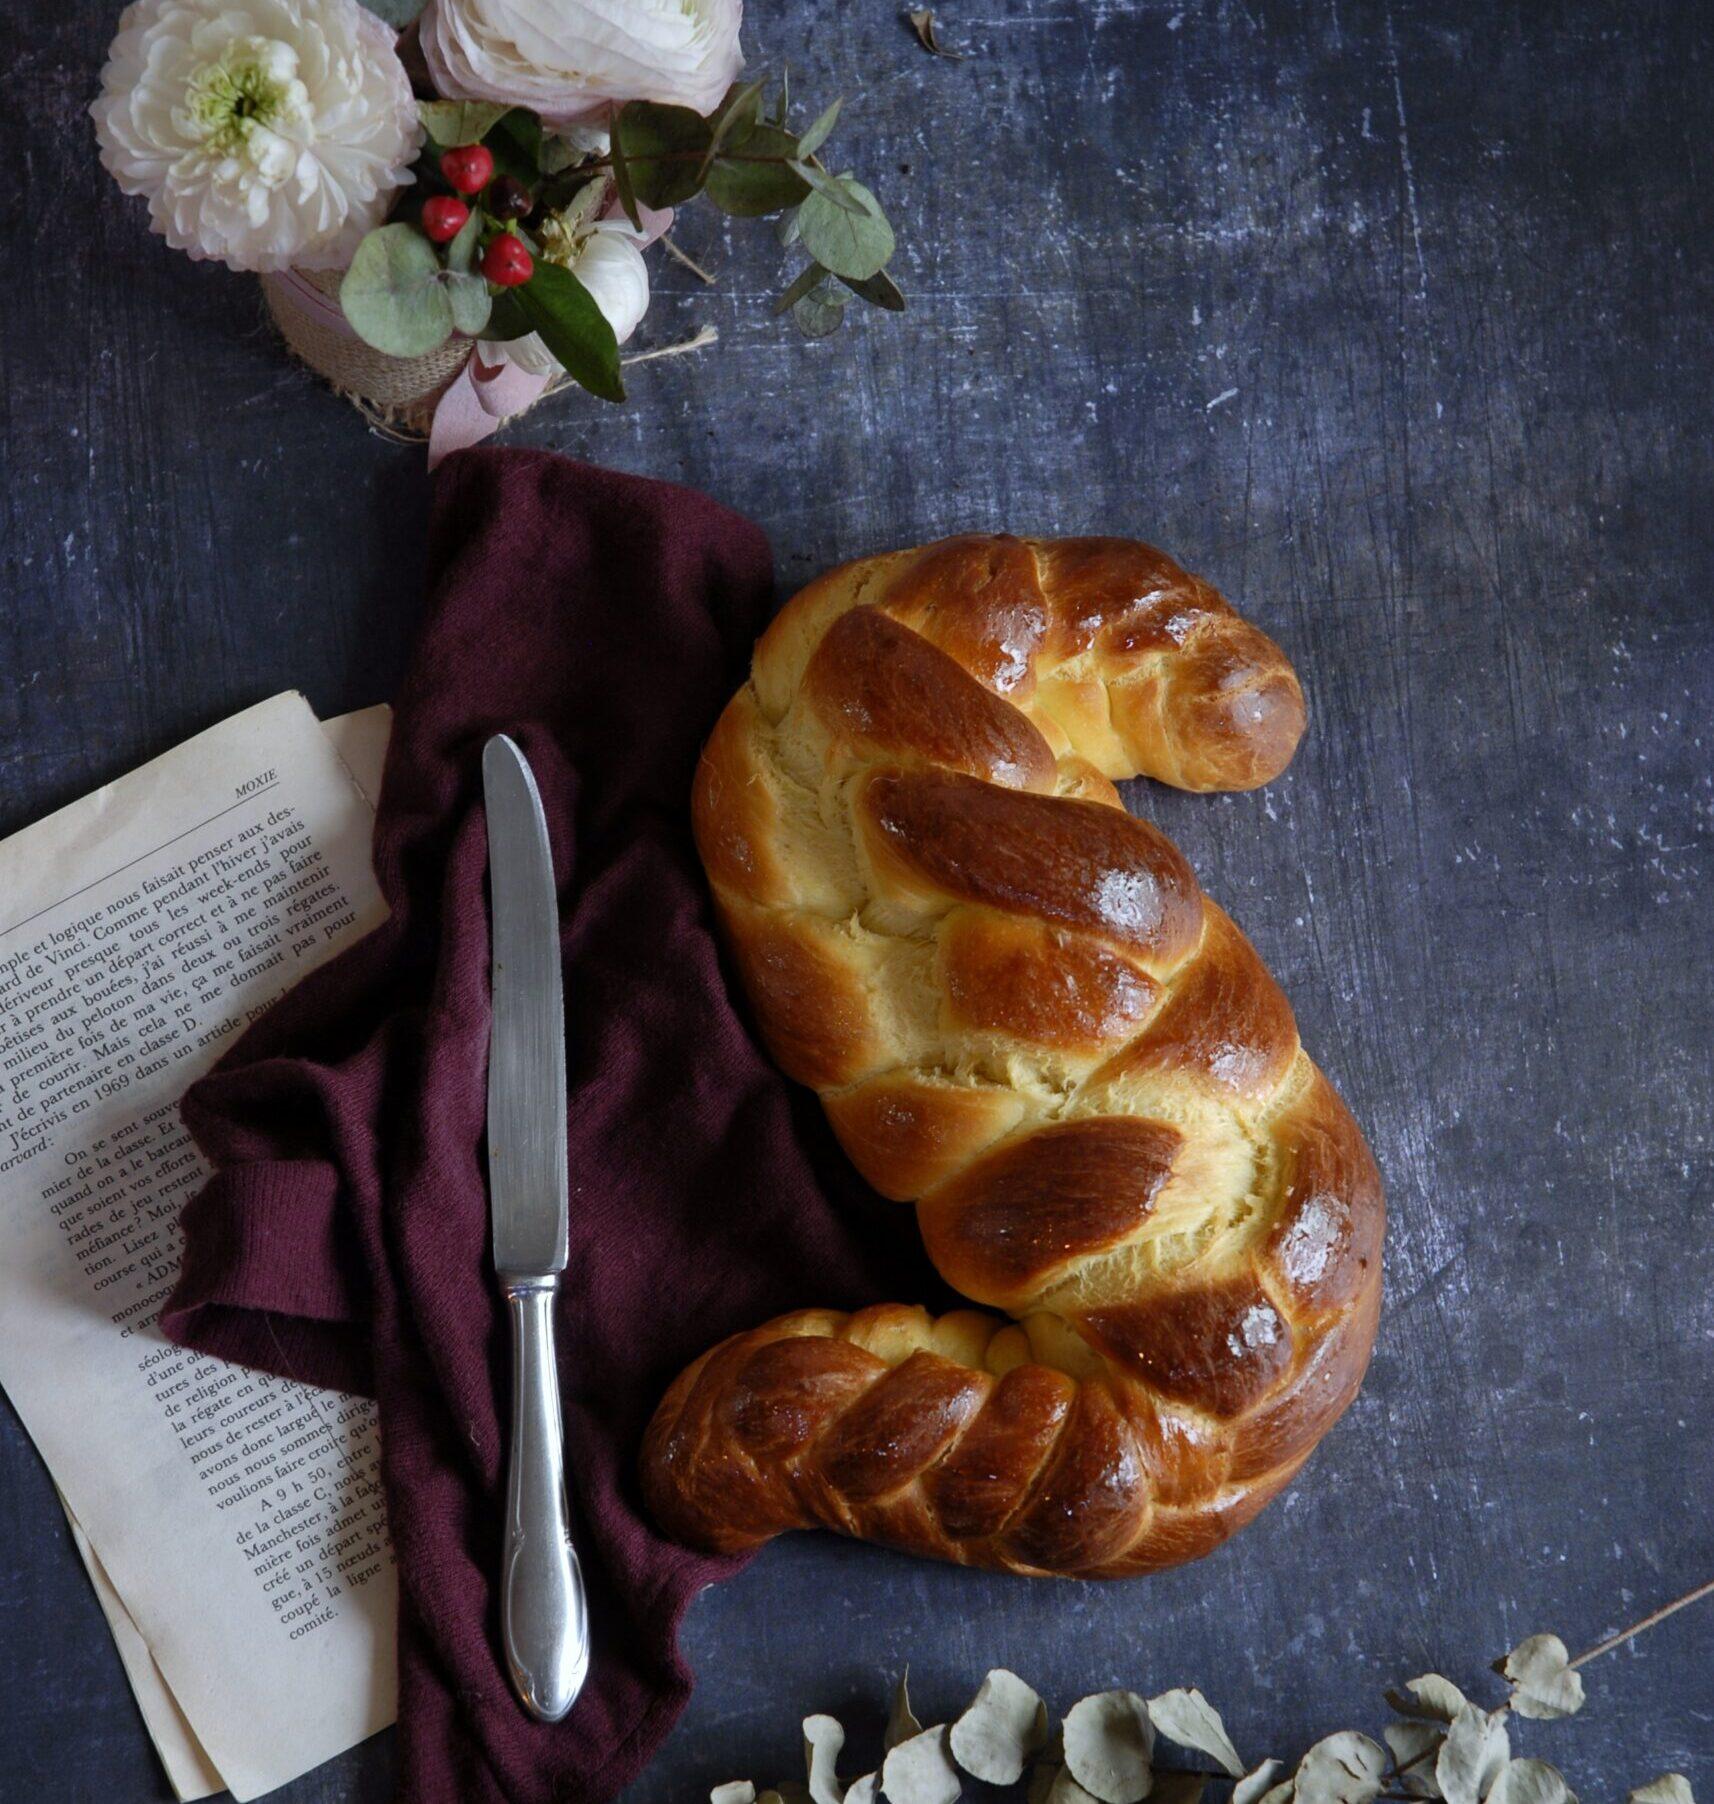 Treccia di pan brioche a cinque capi